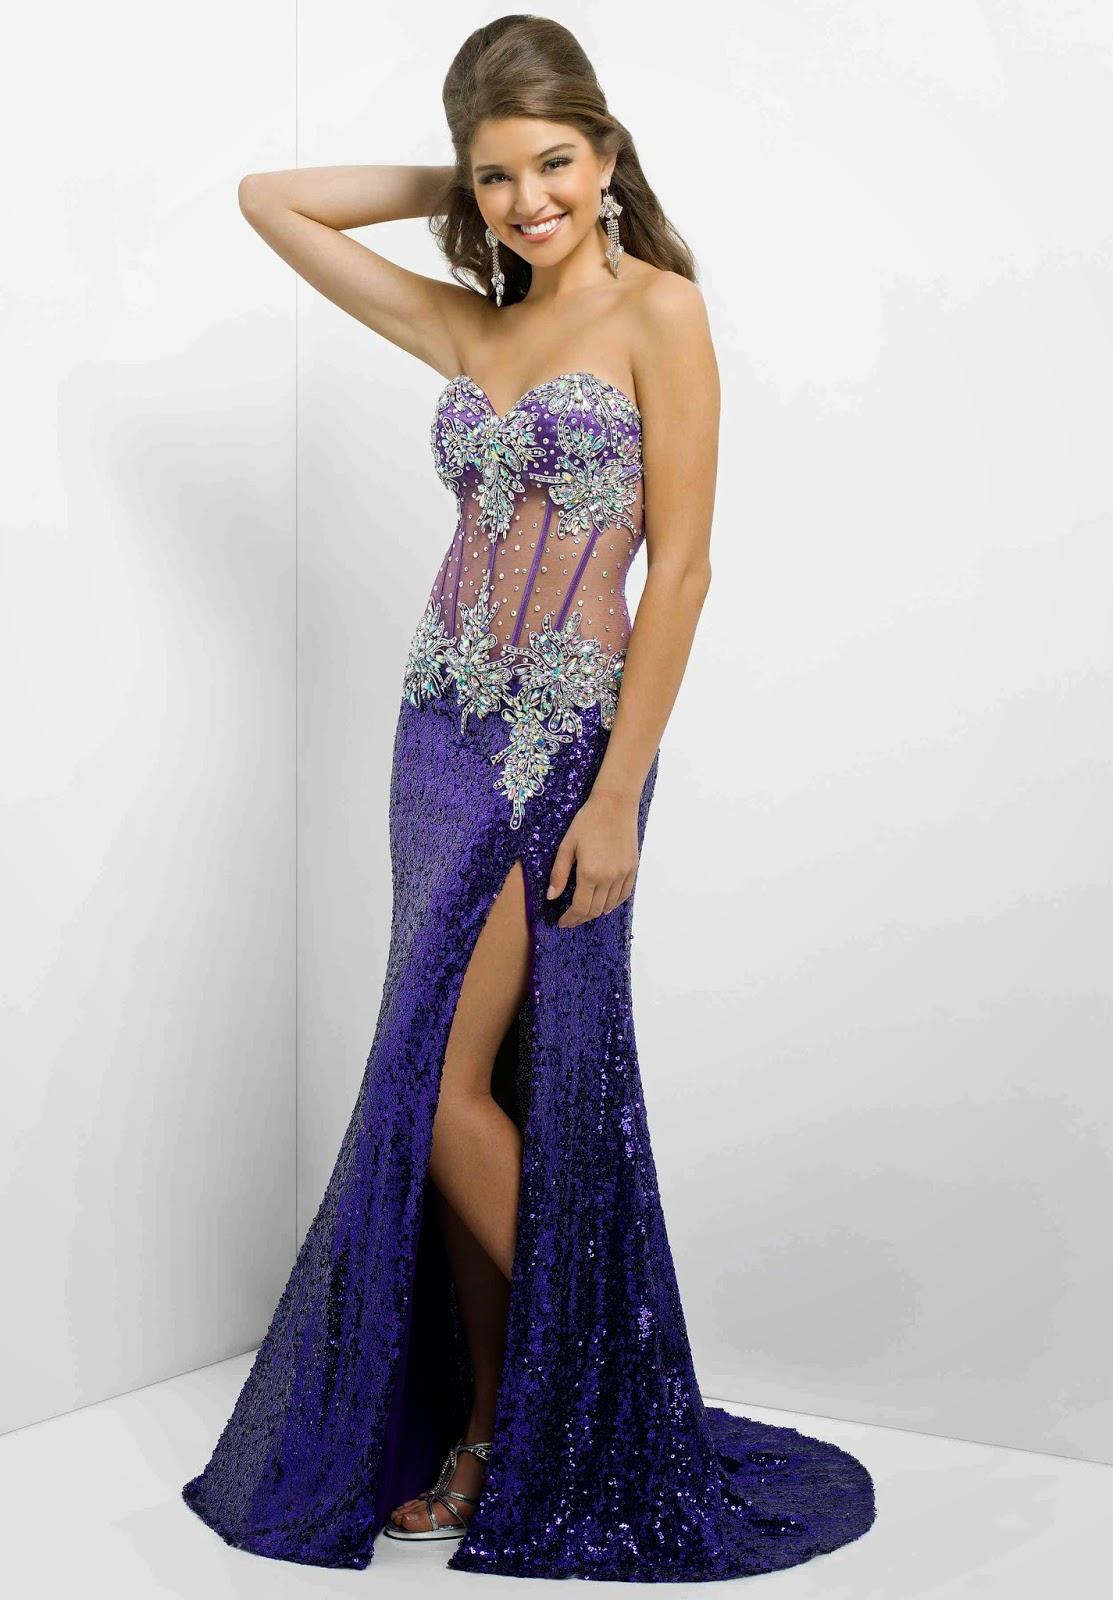 Bonitos Vestidos Vestido Largos Moda Fiesta Elegante Para De